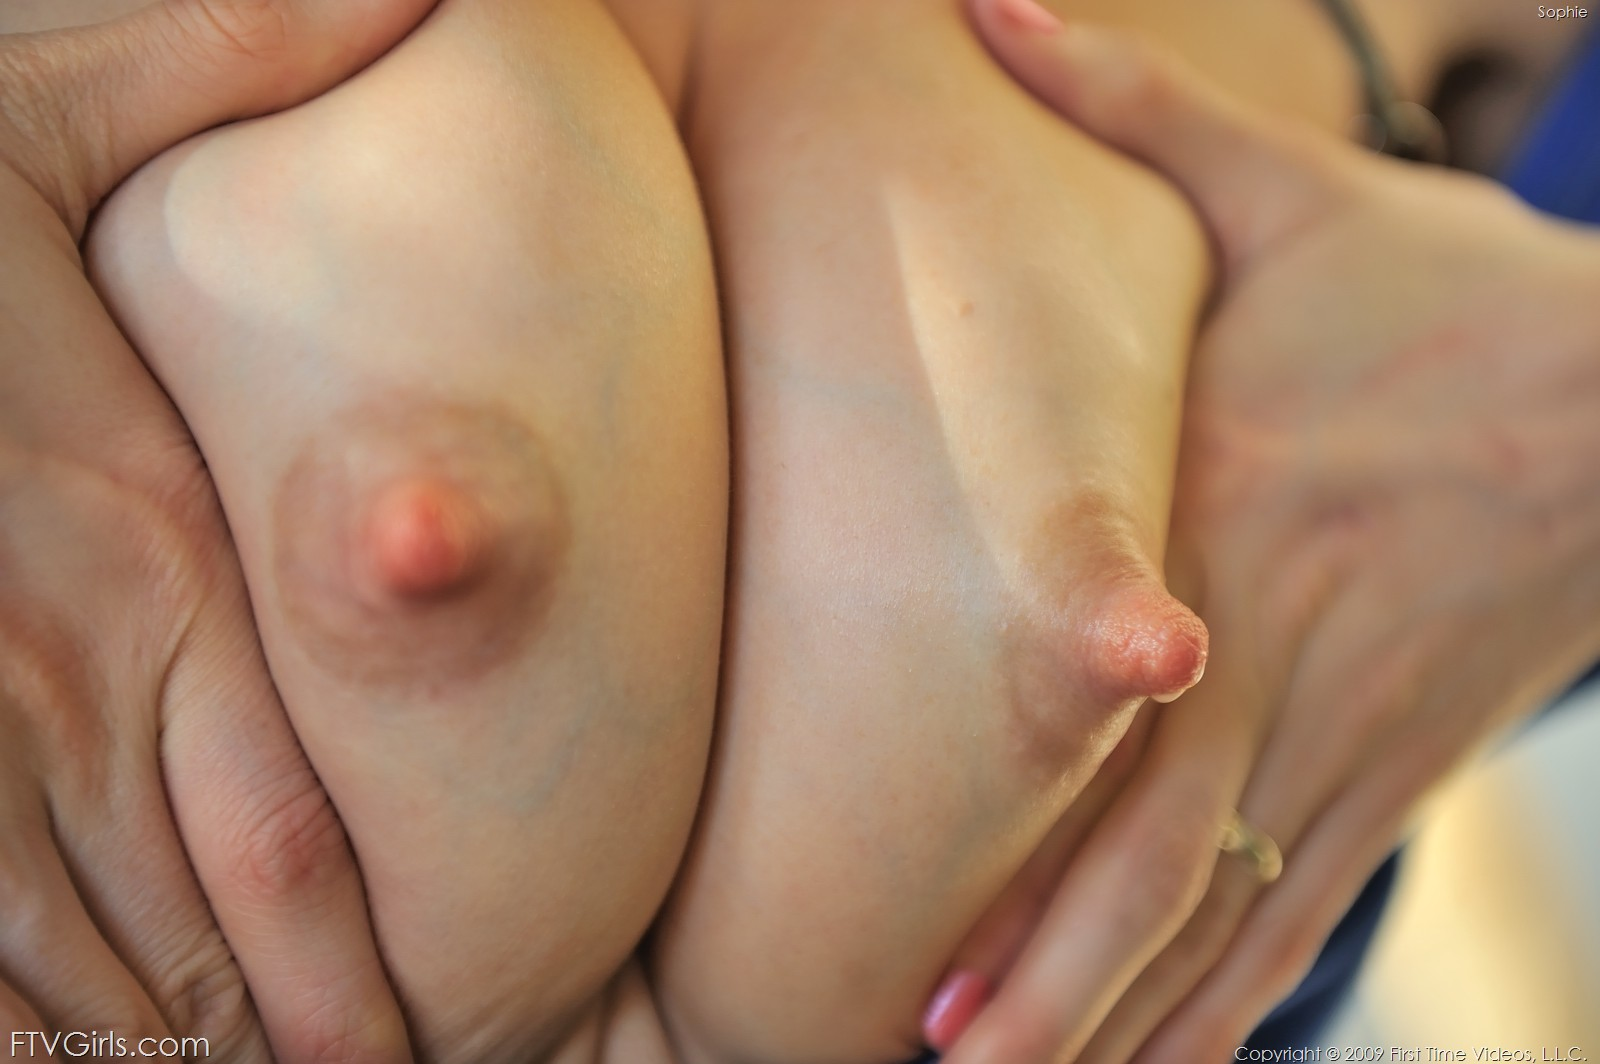 Фото сосков и груди крупным планом 12 фотография